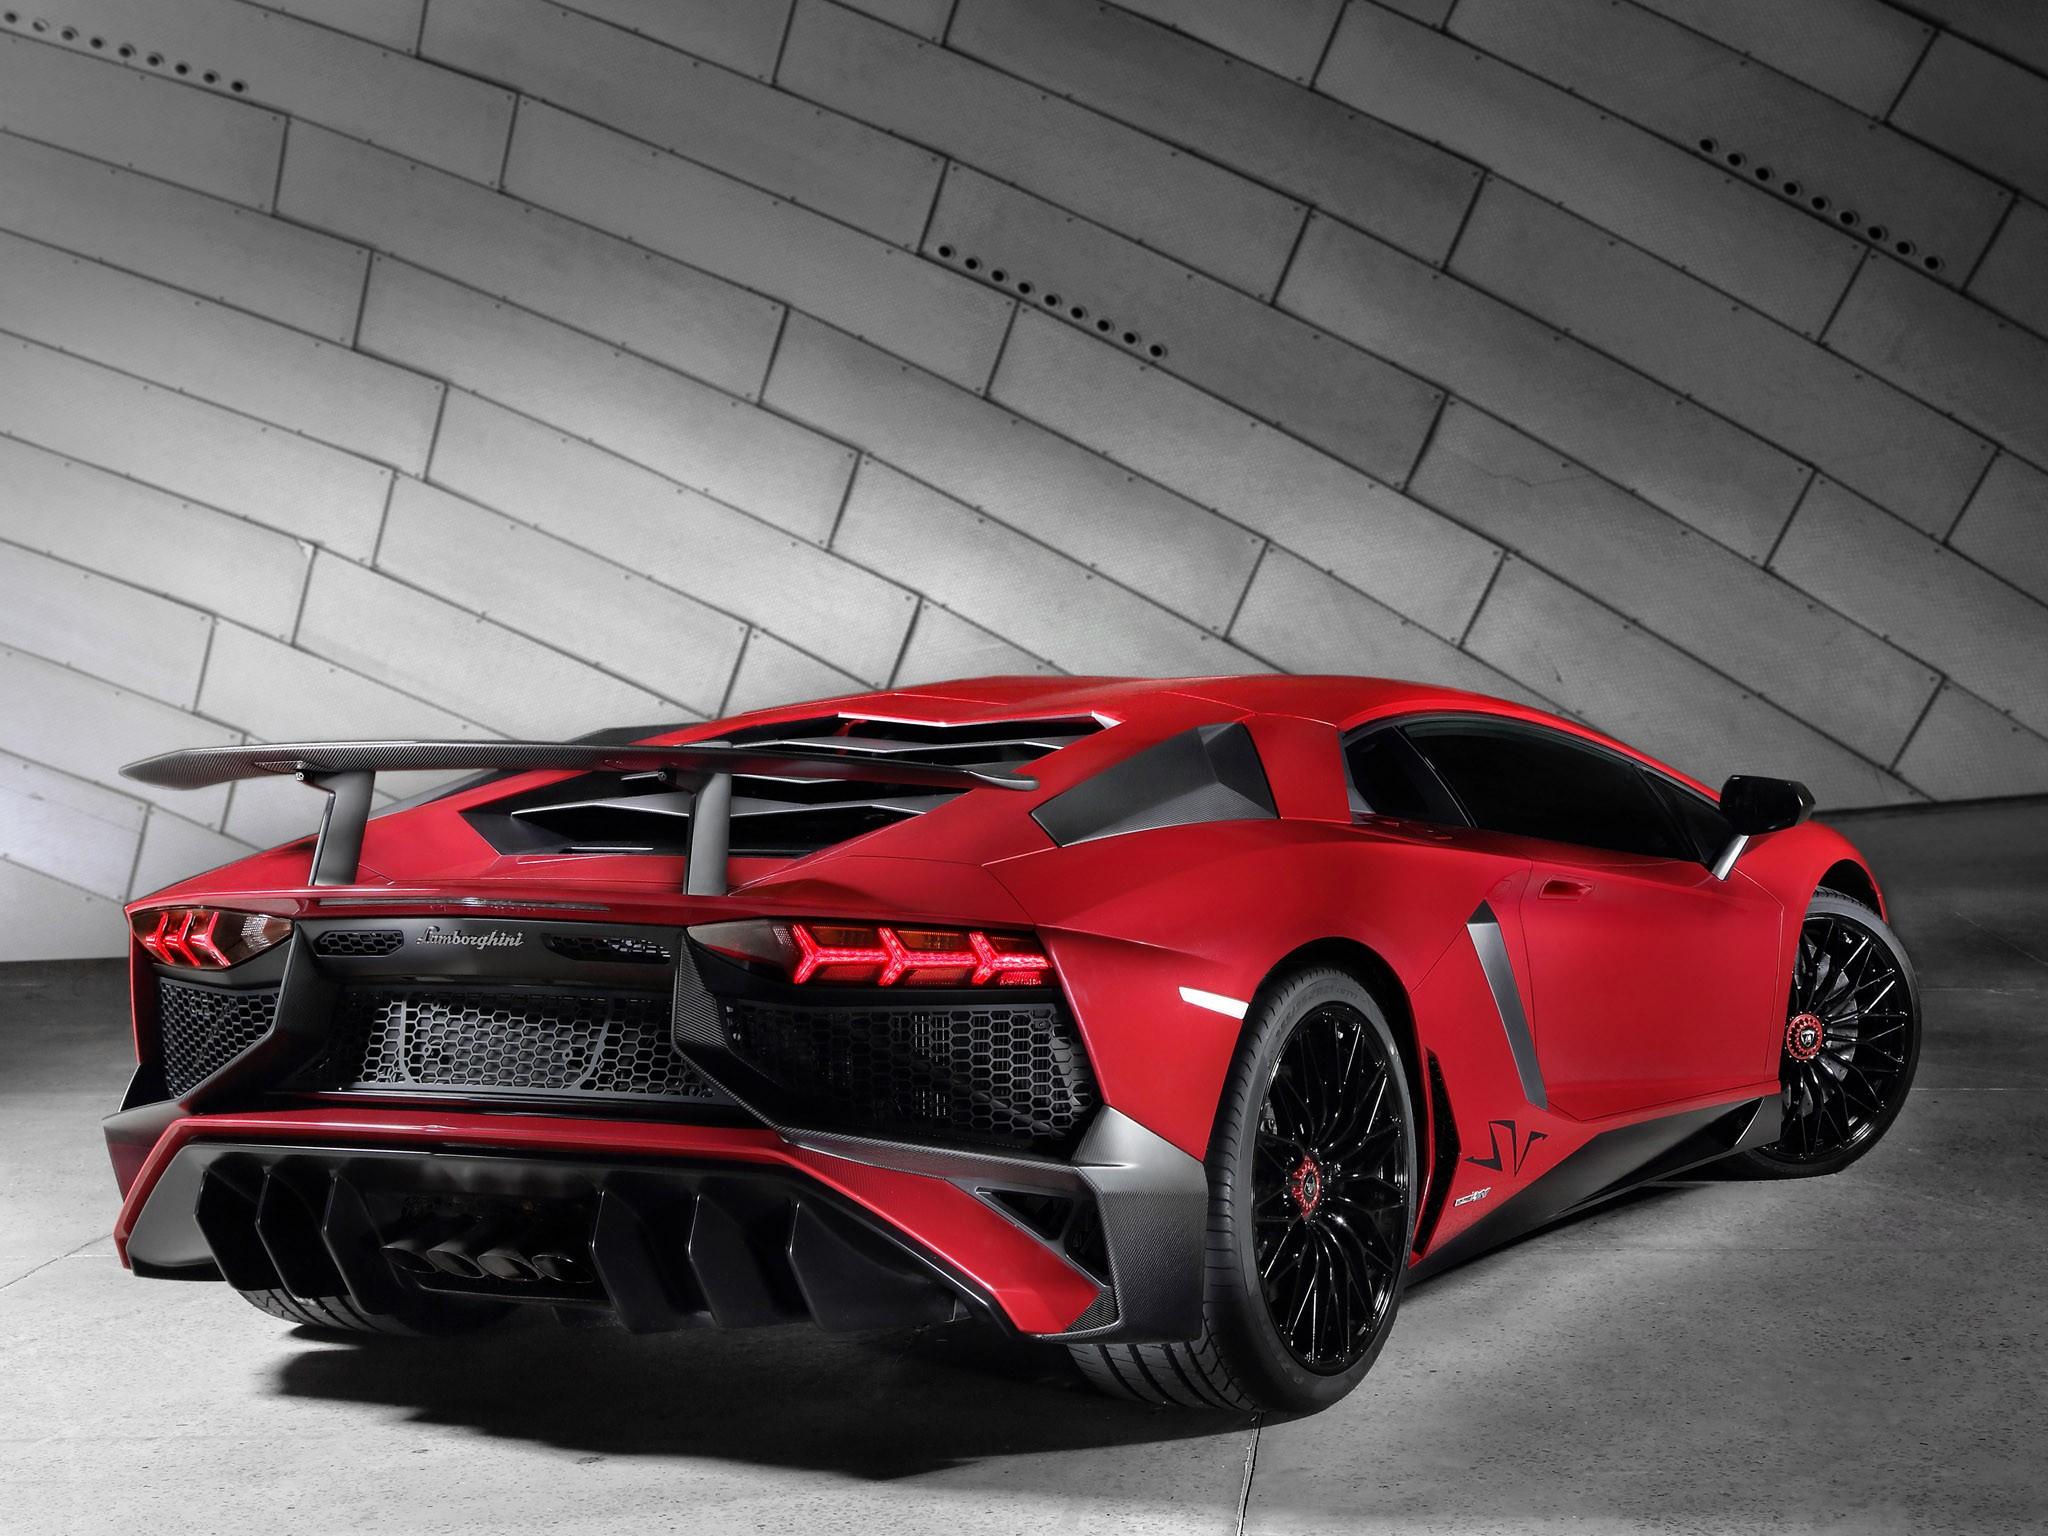 Lamborghini Aventador lp750-4 Superveloce 2015